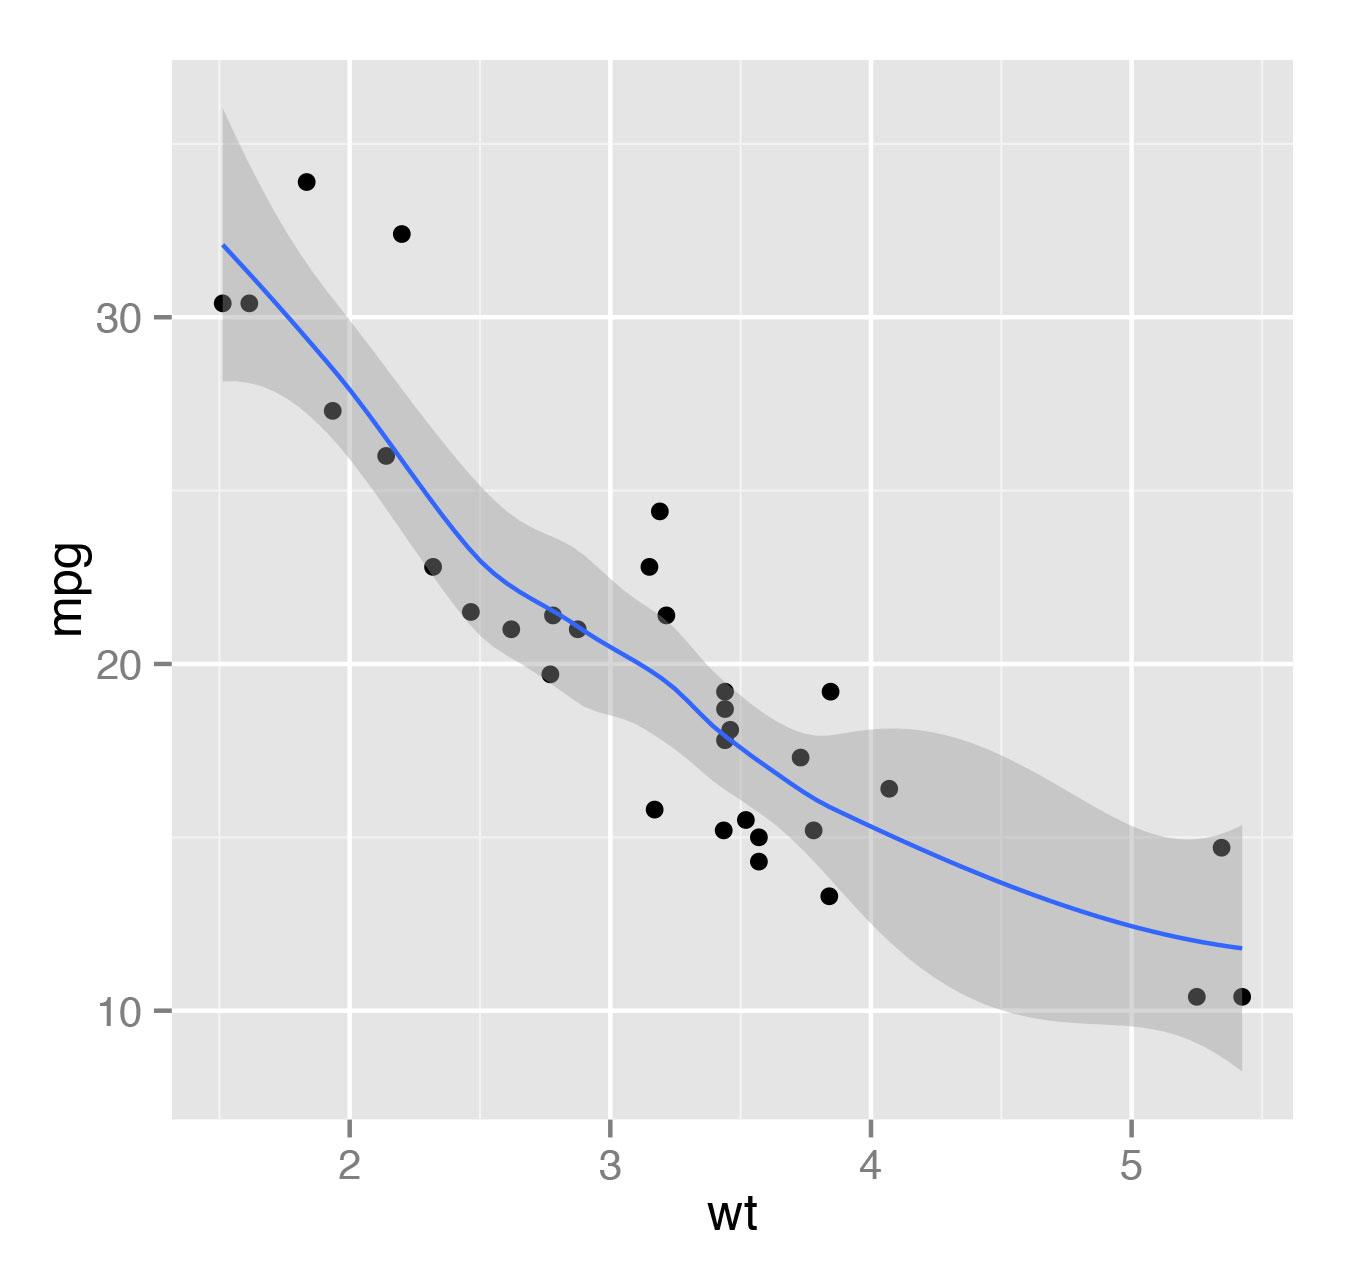 Рис. 9. График, полученный из точечной диаграммы с помощью локальной полиномиальной регрессии. На графике также отображается стандартная ошибка